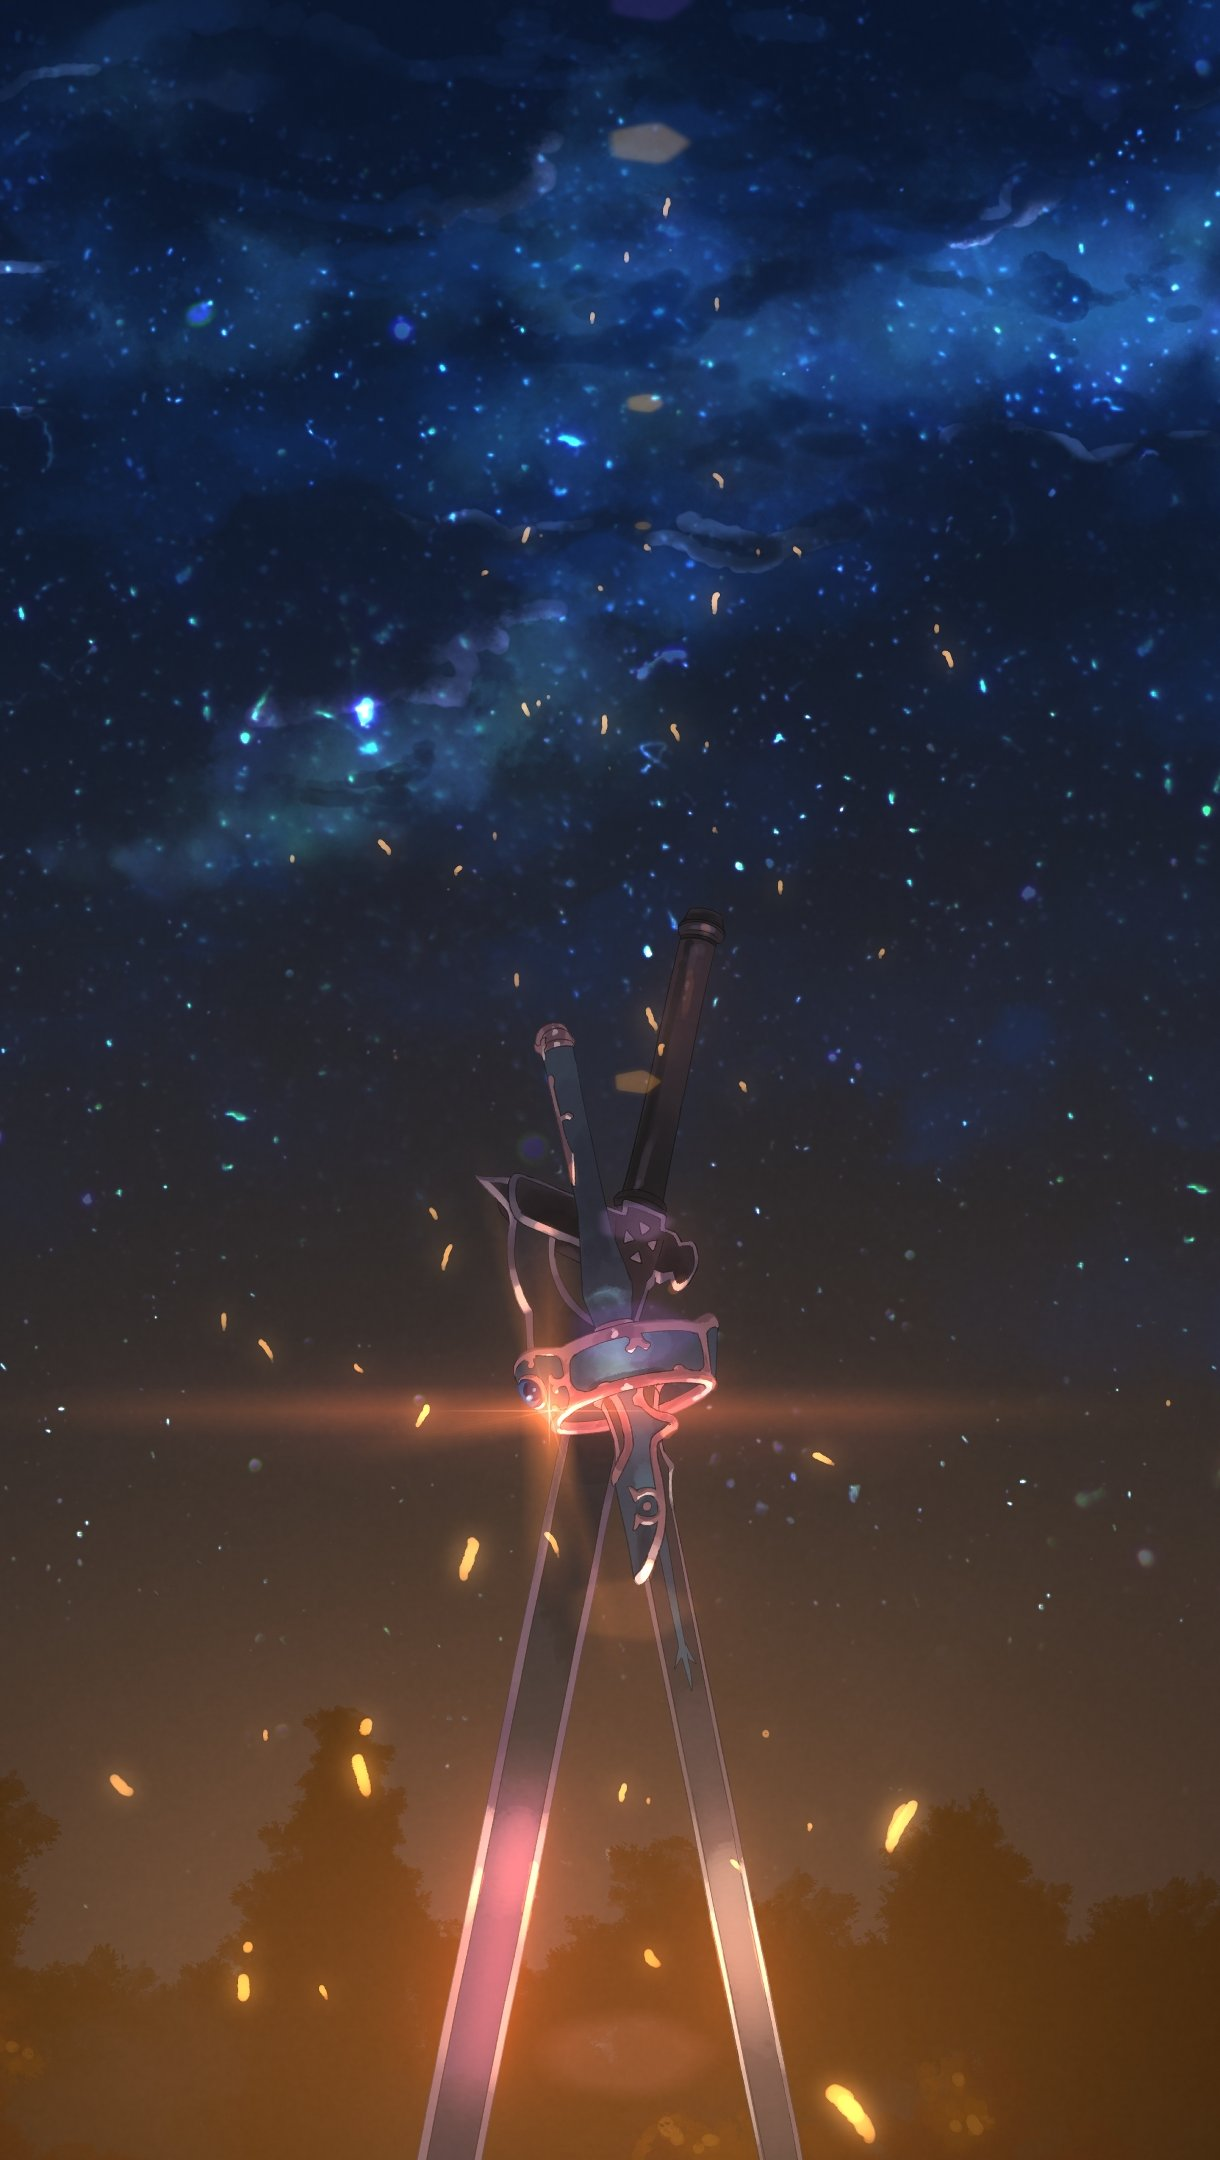 Wallpaper Kirito and Asuna's sword Vertical